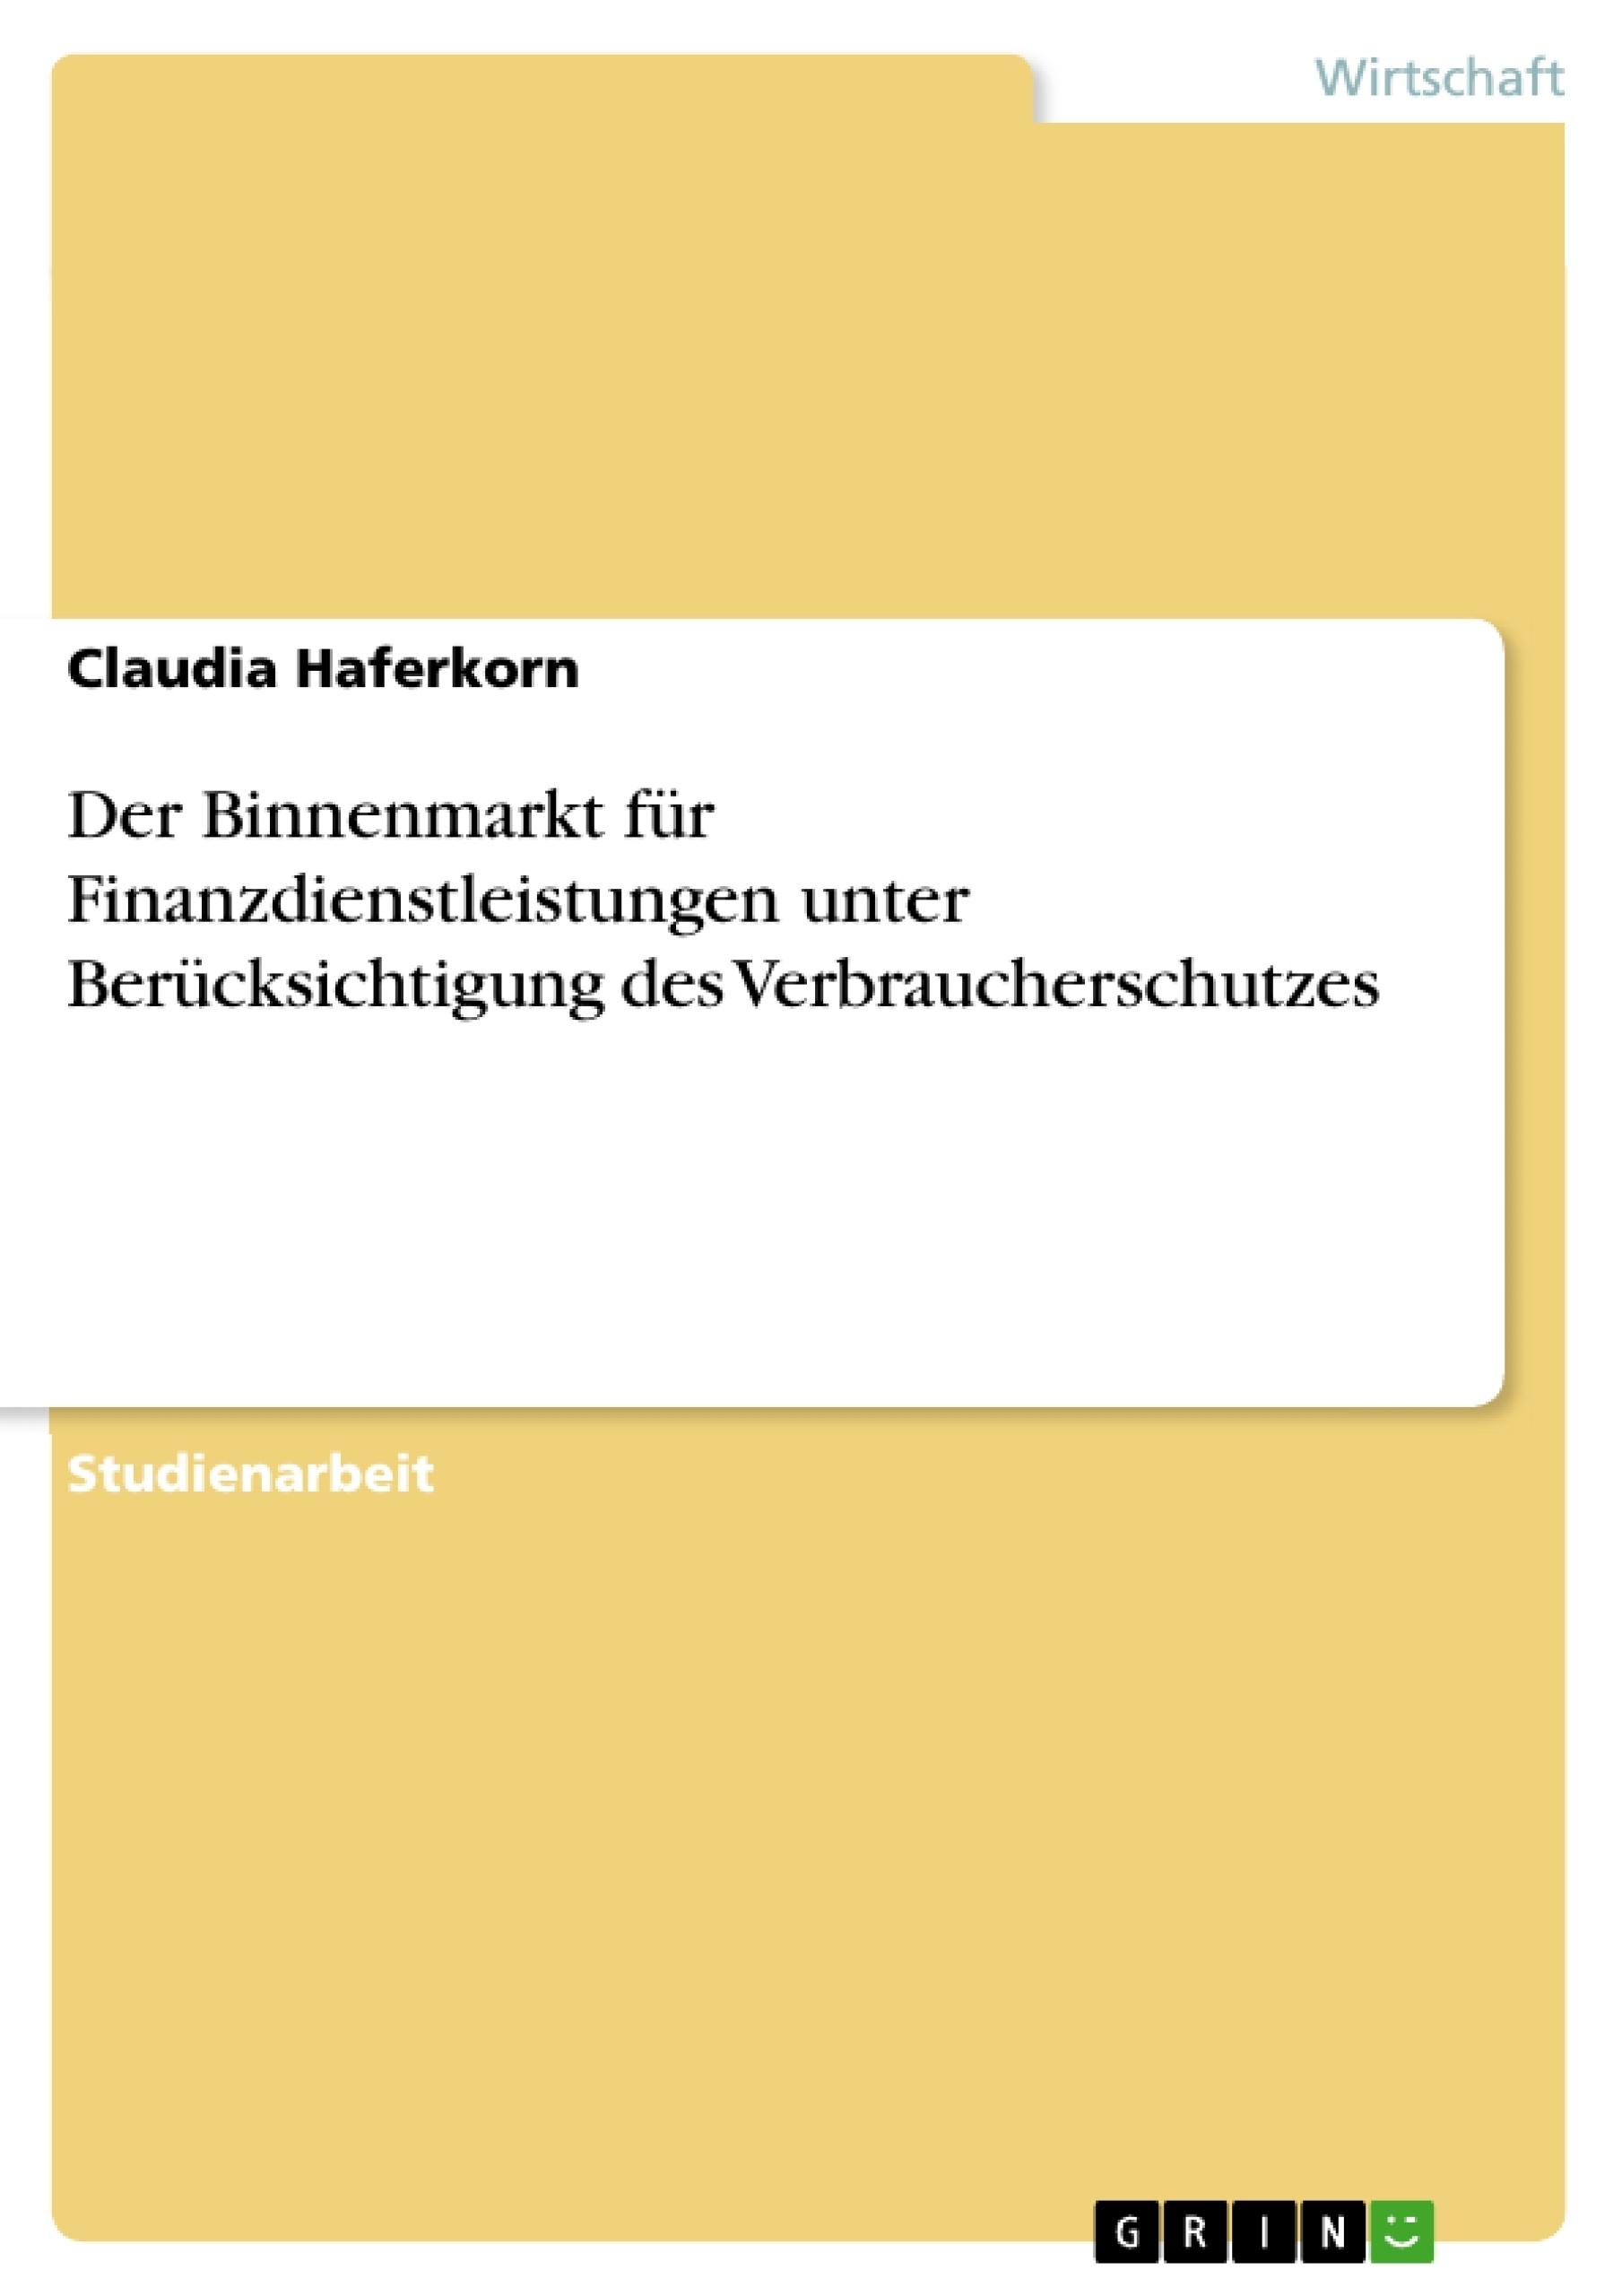 Titel: Der Binnenmarkt für Finanzdienstleistungen unter Berücksichtigung des Verbraucherschutzes